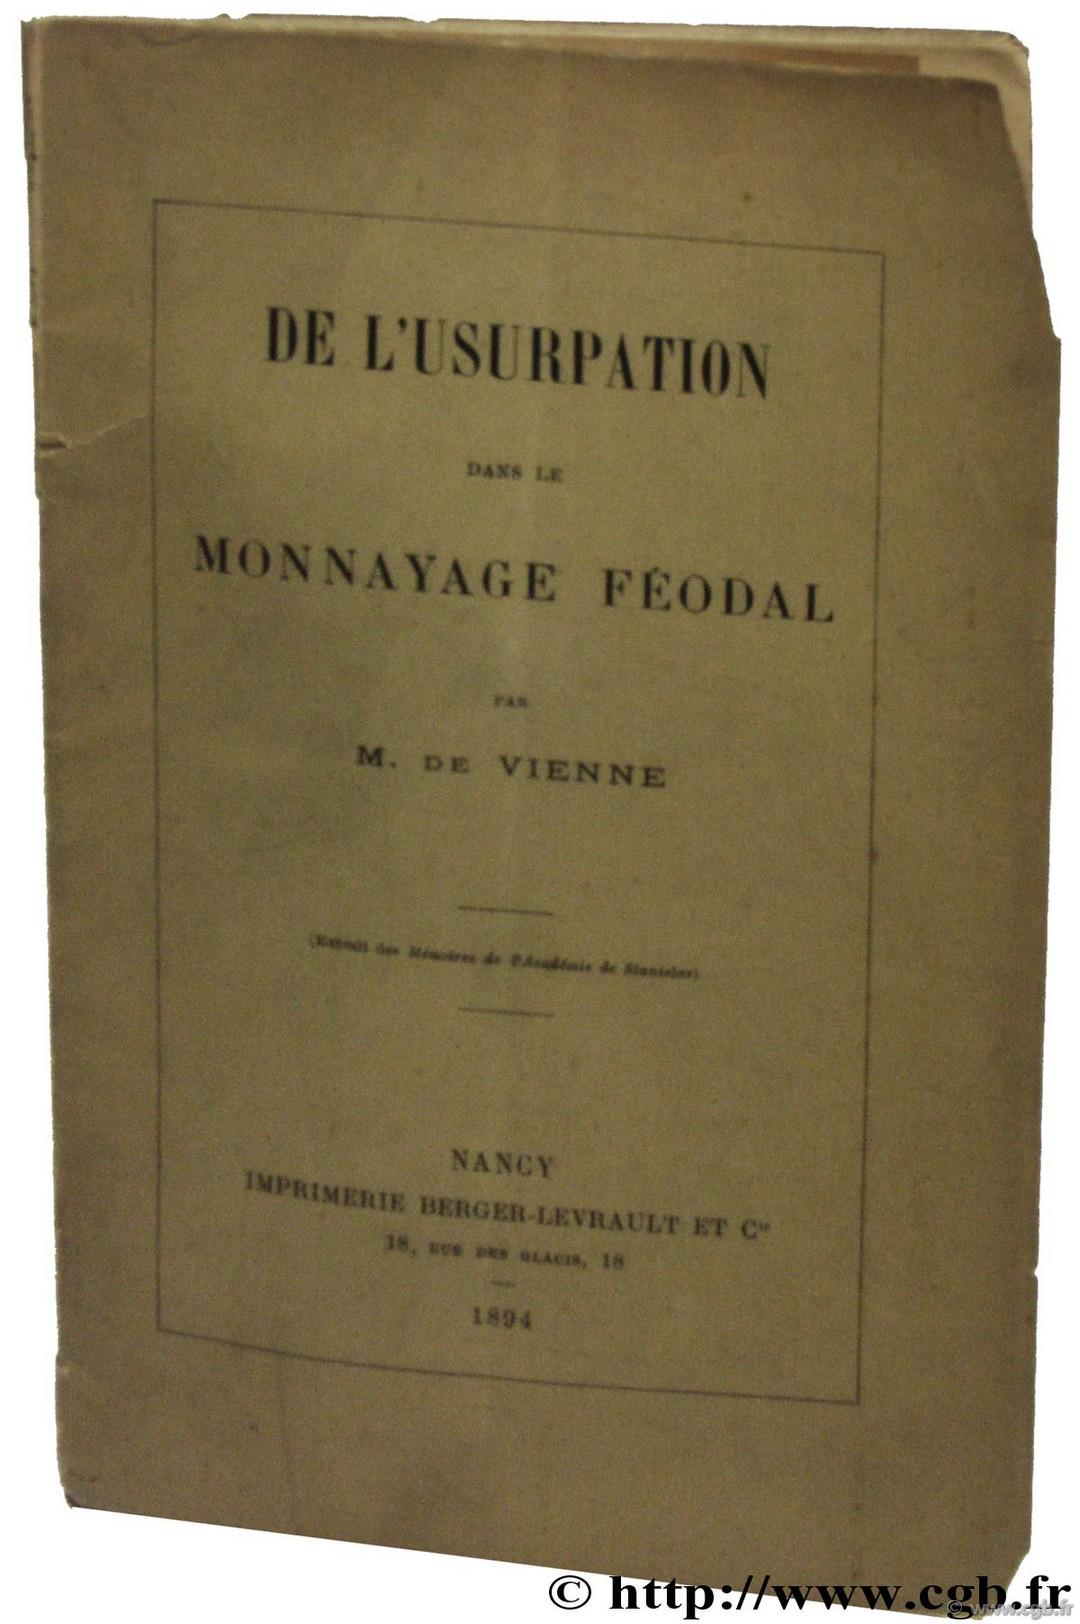 De lusurpation dans le monnayage féodal  VIENNE M. de